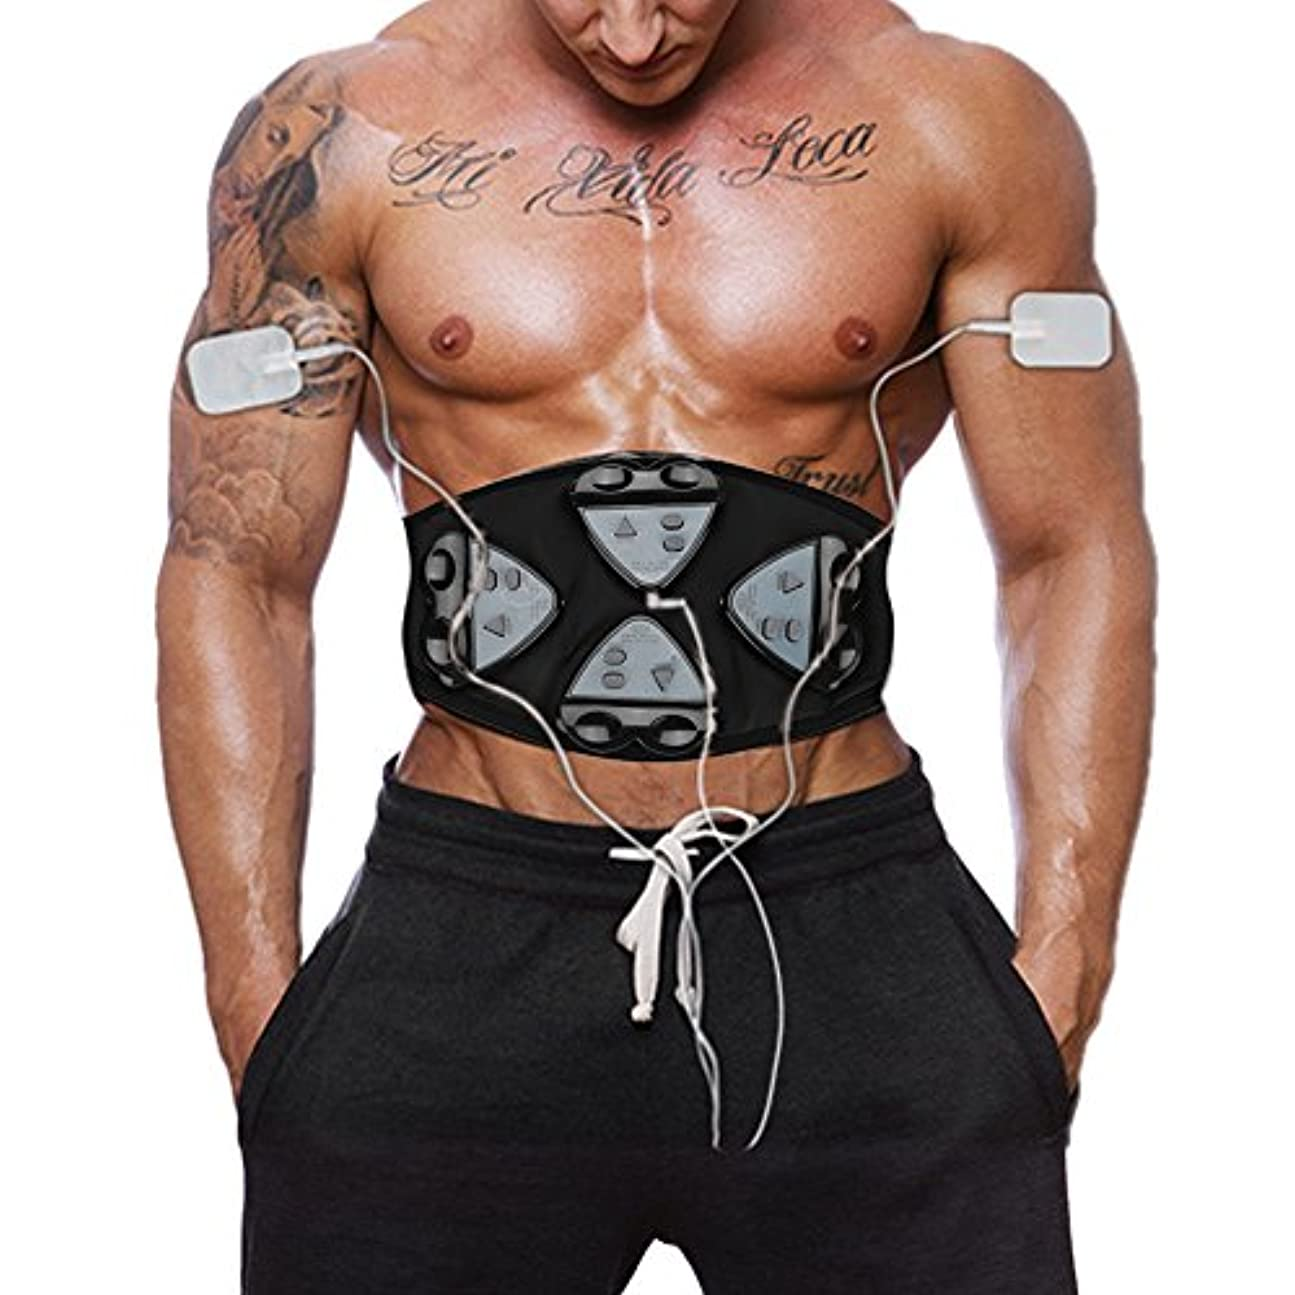 保安正確普通に腹筋ベルトEMS腹筋刺激筋力トレーニング筋力トレーニング腹部トレーニング4コントローラベルト